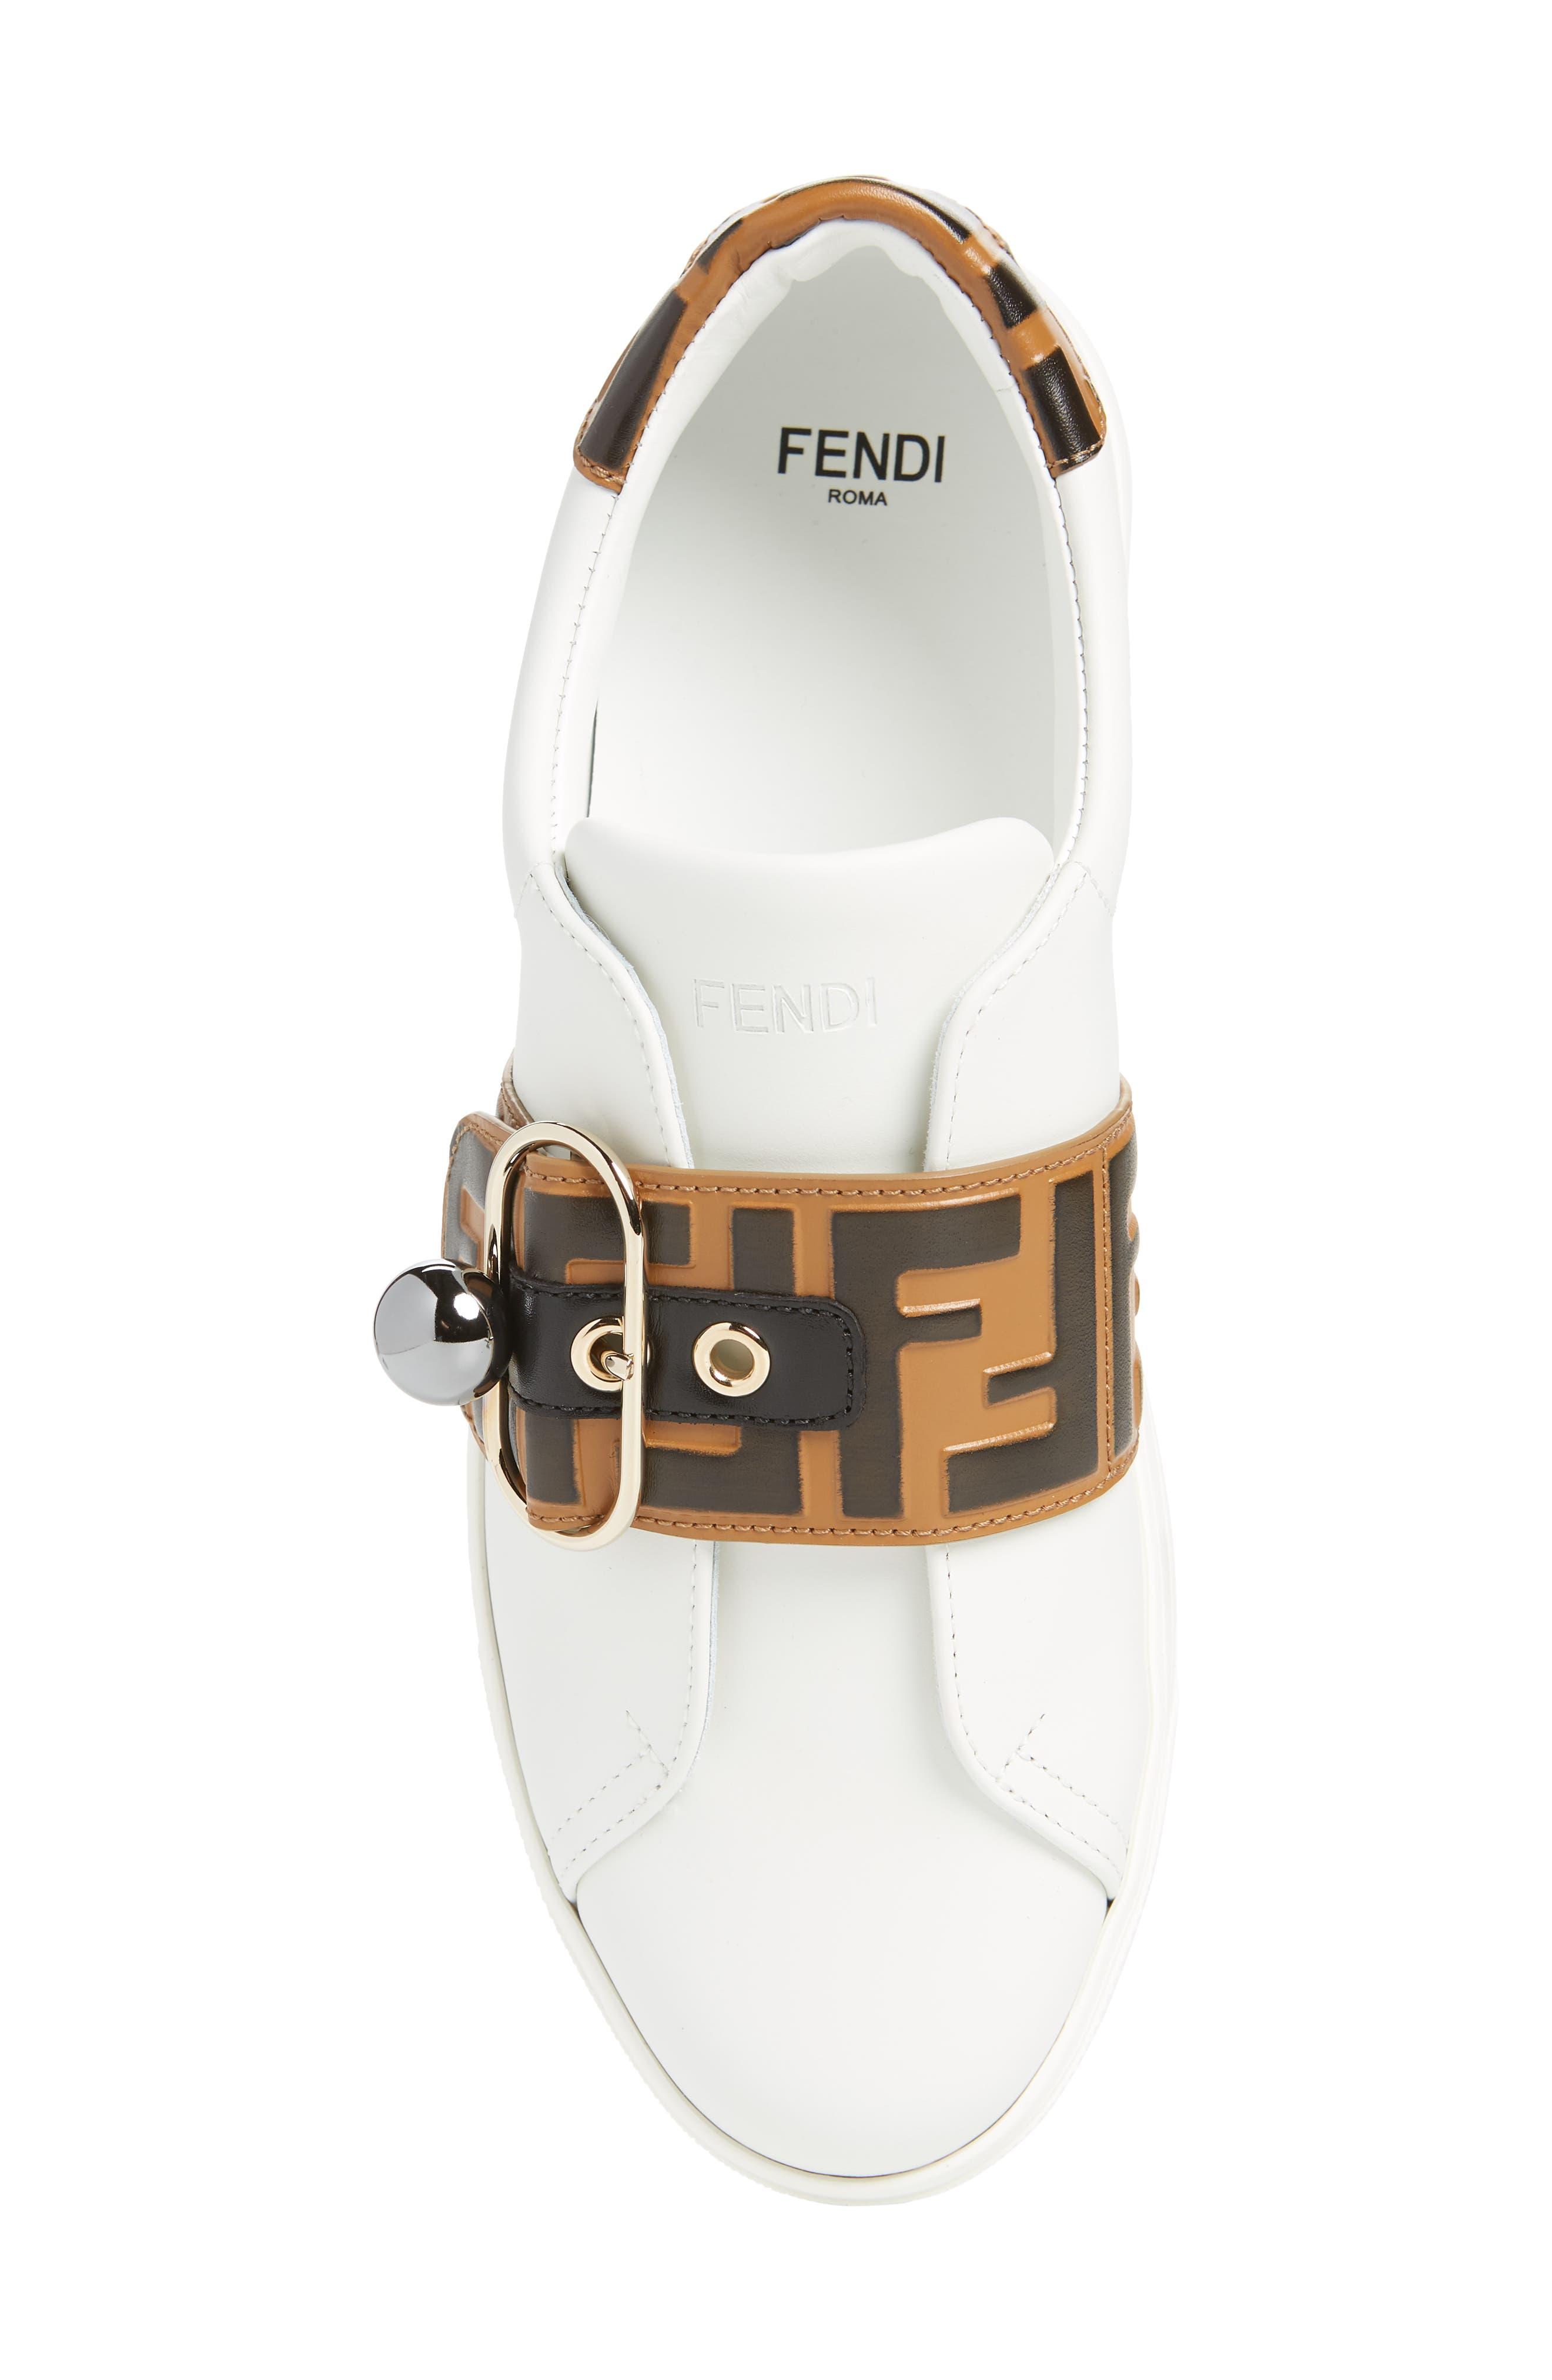 FENDI, Pearland Logo Slip-On Sneaker, Alternate thumbnail 5, color, WHITE/ BROWN